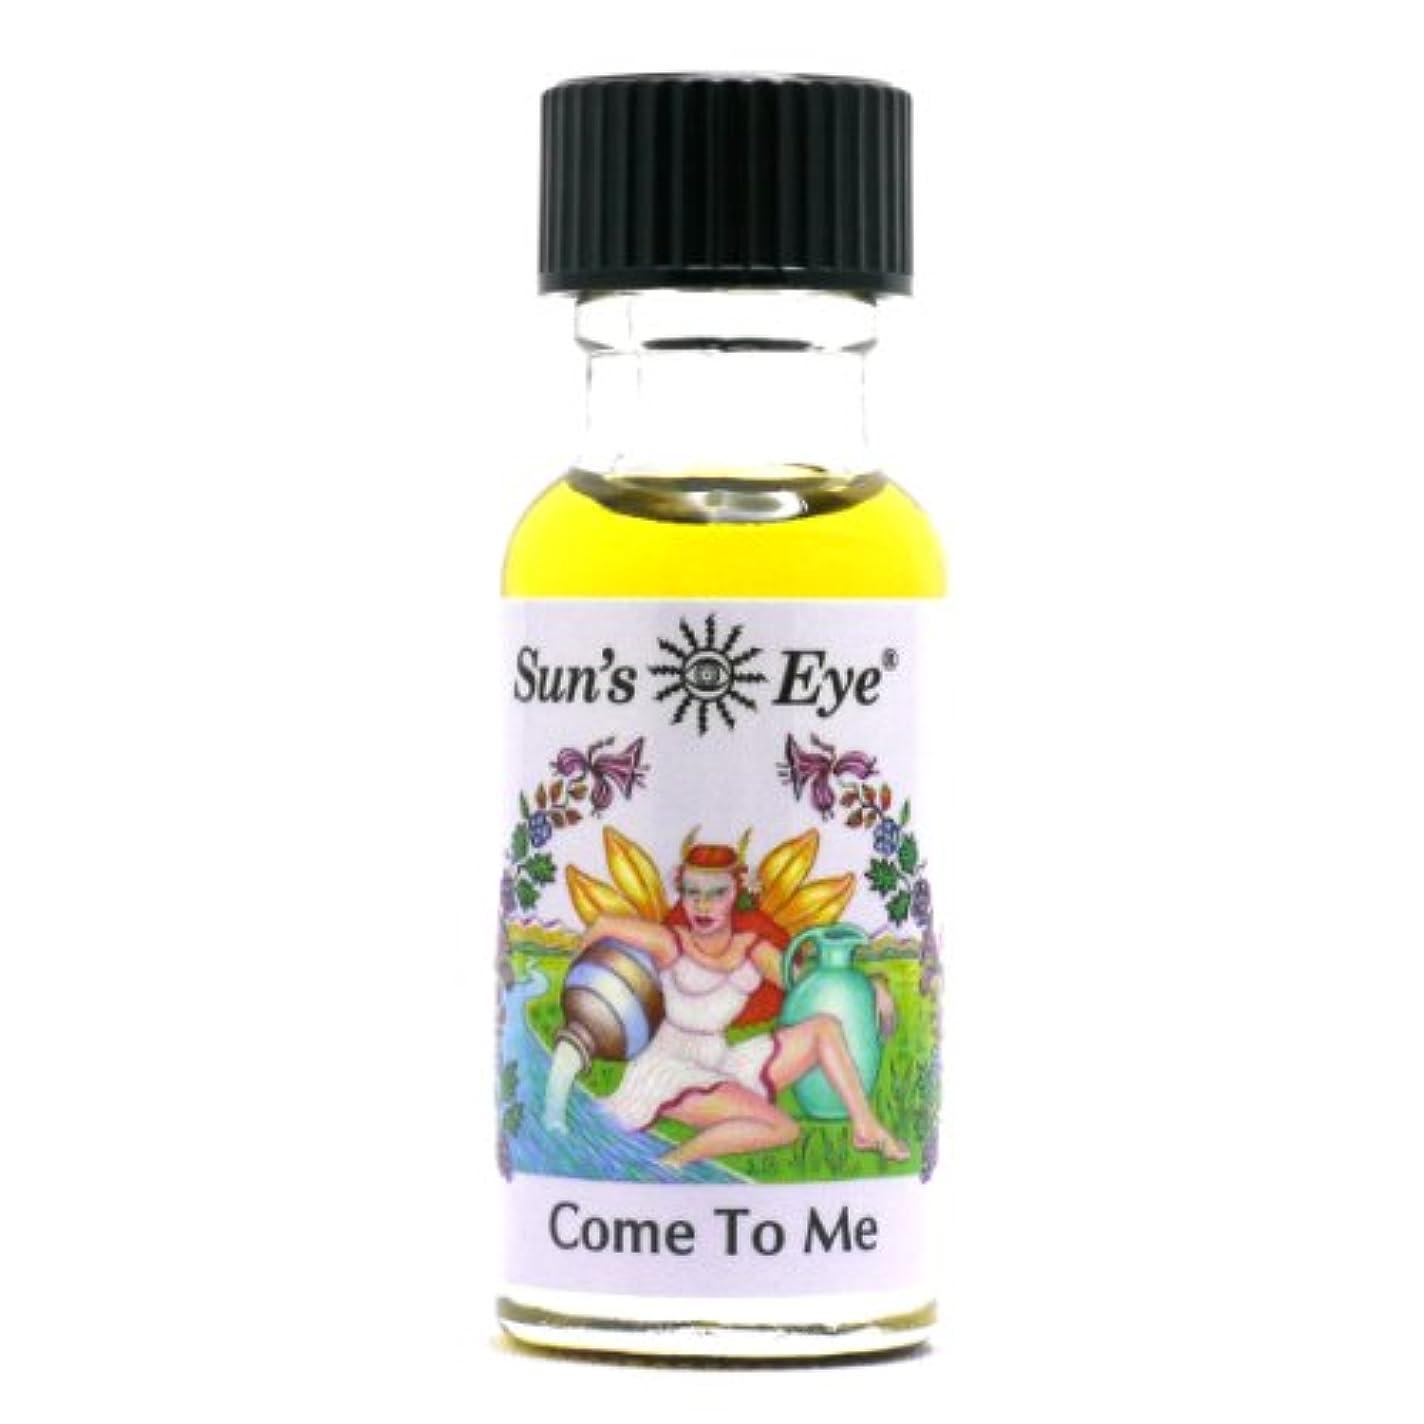 内向き論争不適当【Sun'sEye サンズアイ】Mystic Blends(ミスティックブレンドオイル)Come to me(カムトゥミー)